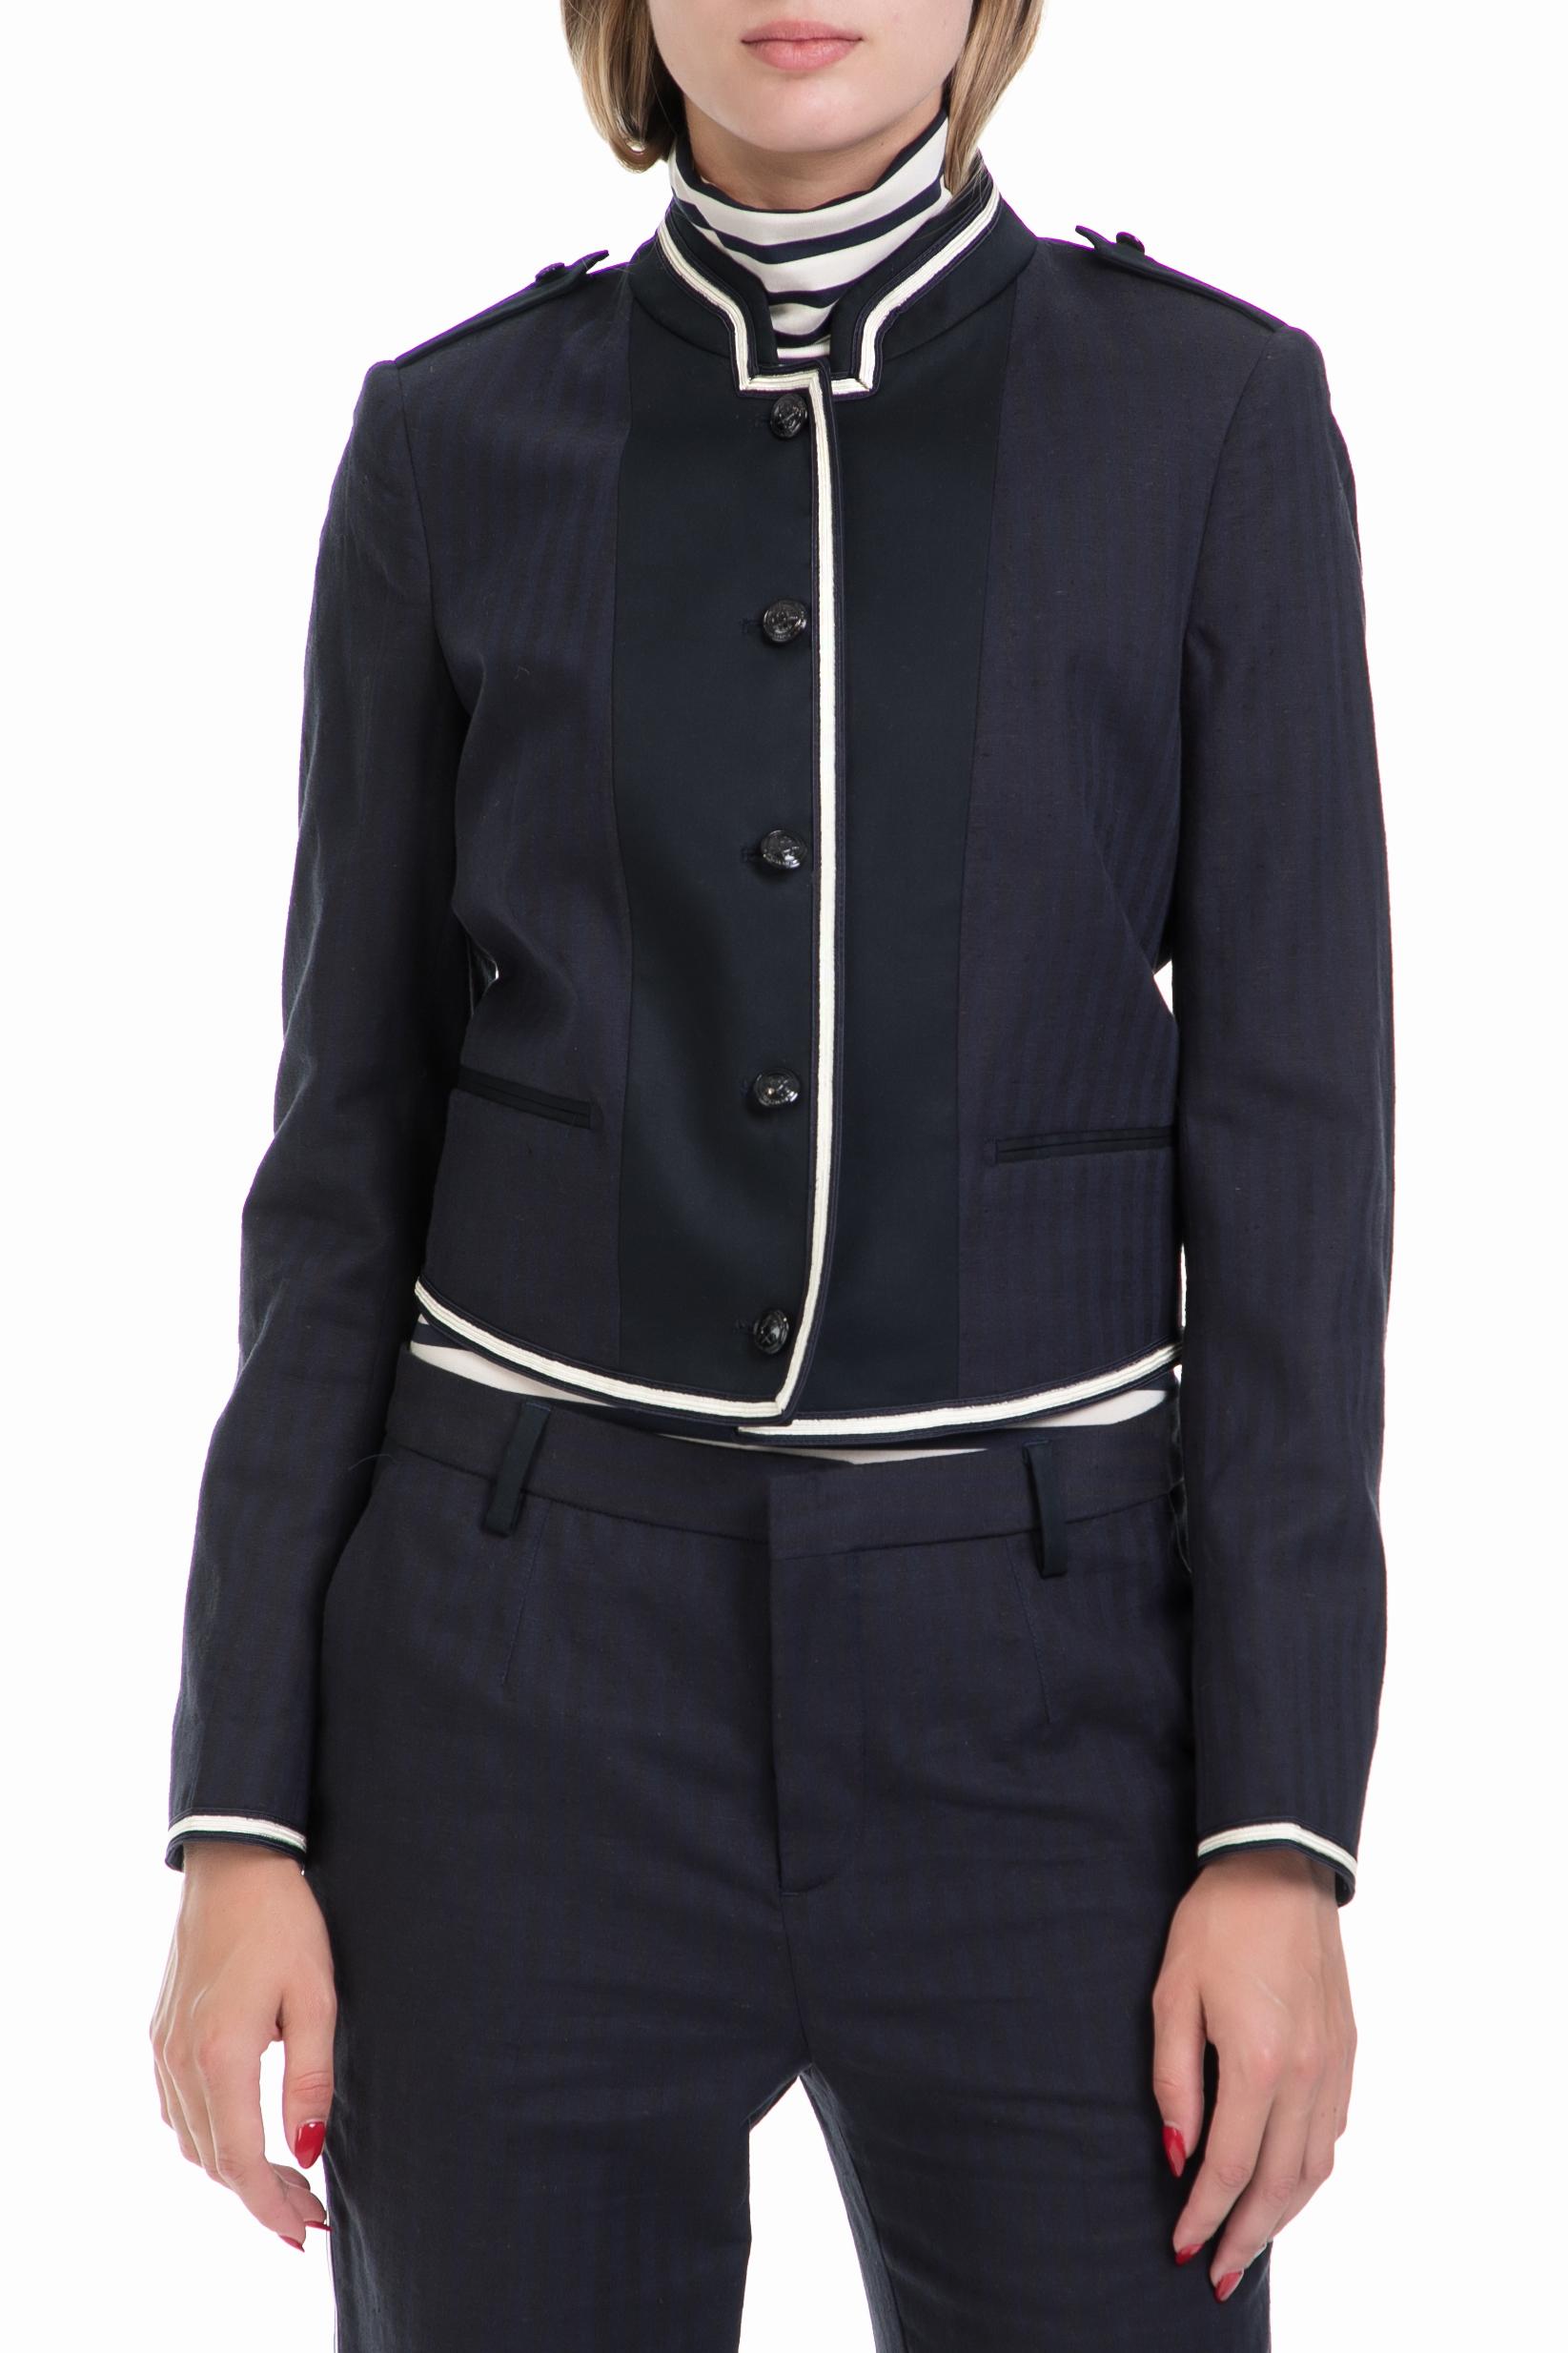 SCOTCH & SODA - Γυυναικείο σακάκι Bell boy inspired blazer μπλε γυναικεία ρούχα πανωφόρια σακάκια